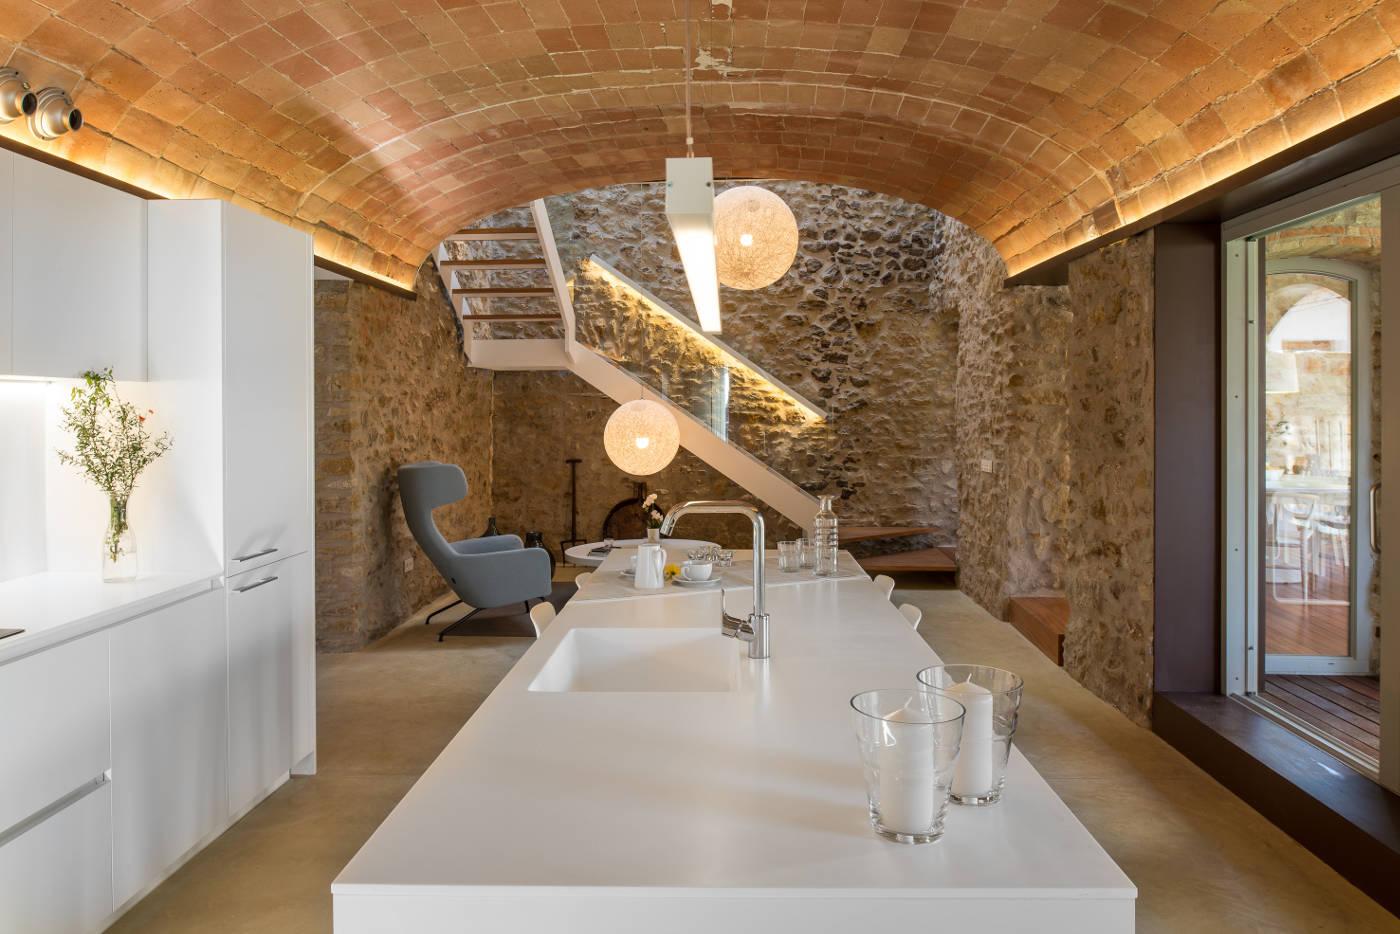 Rehabilitacion y reforma casas rusticas gloria duran for Escaleras interiores casas rusticas